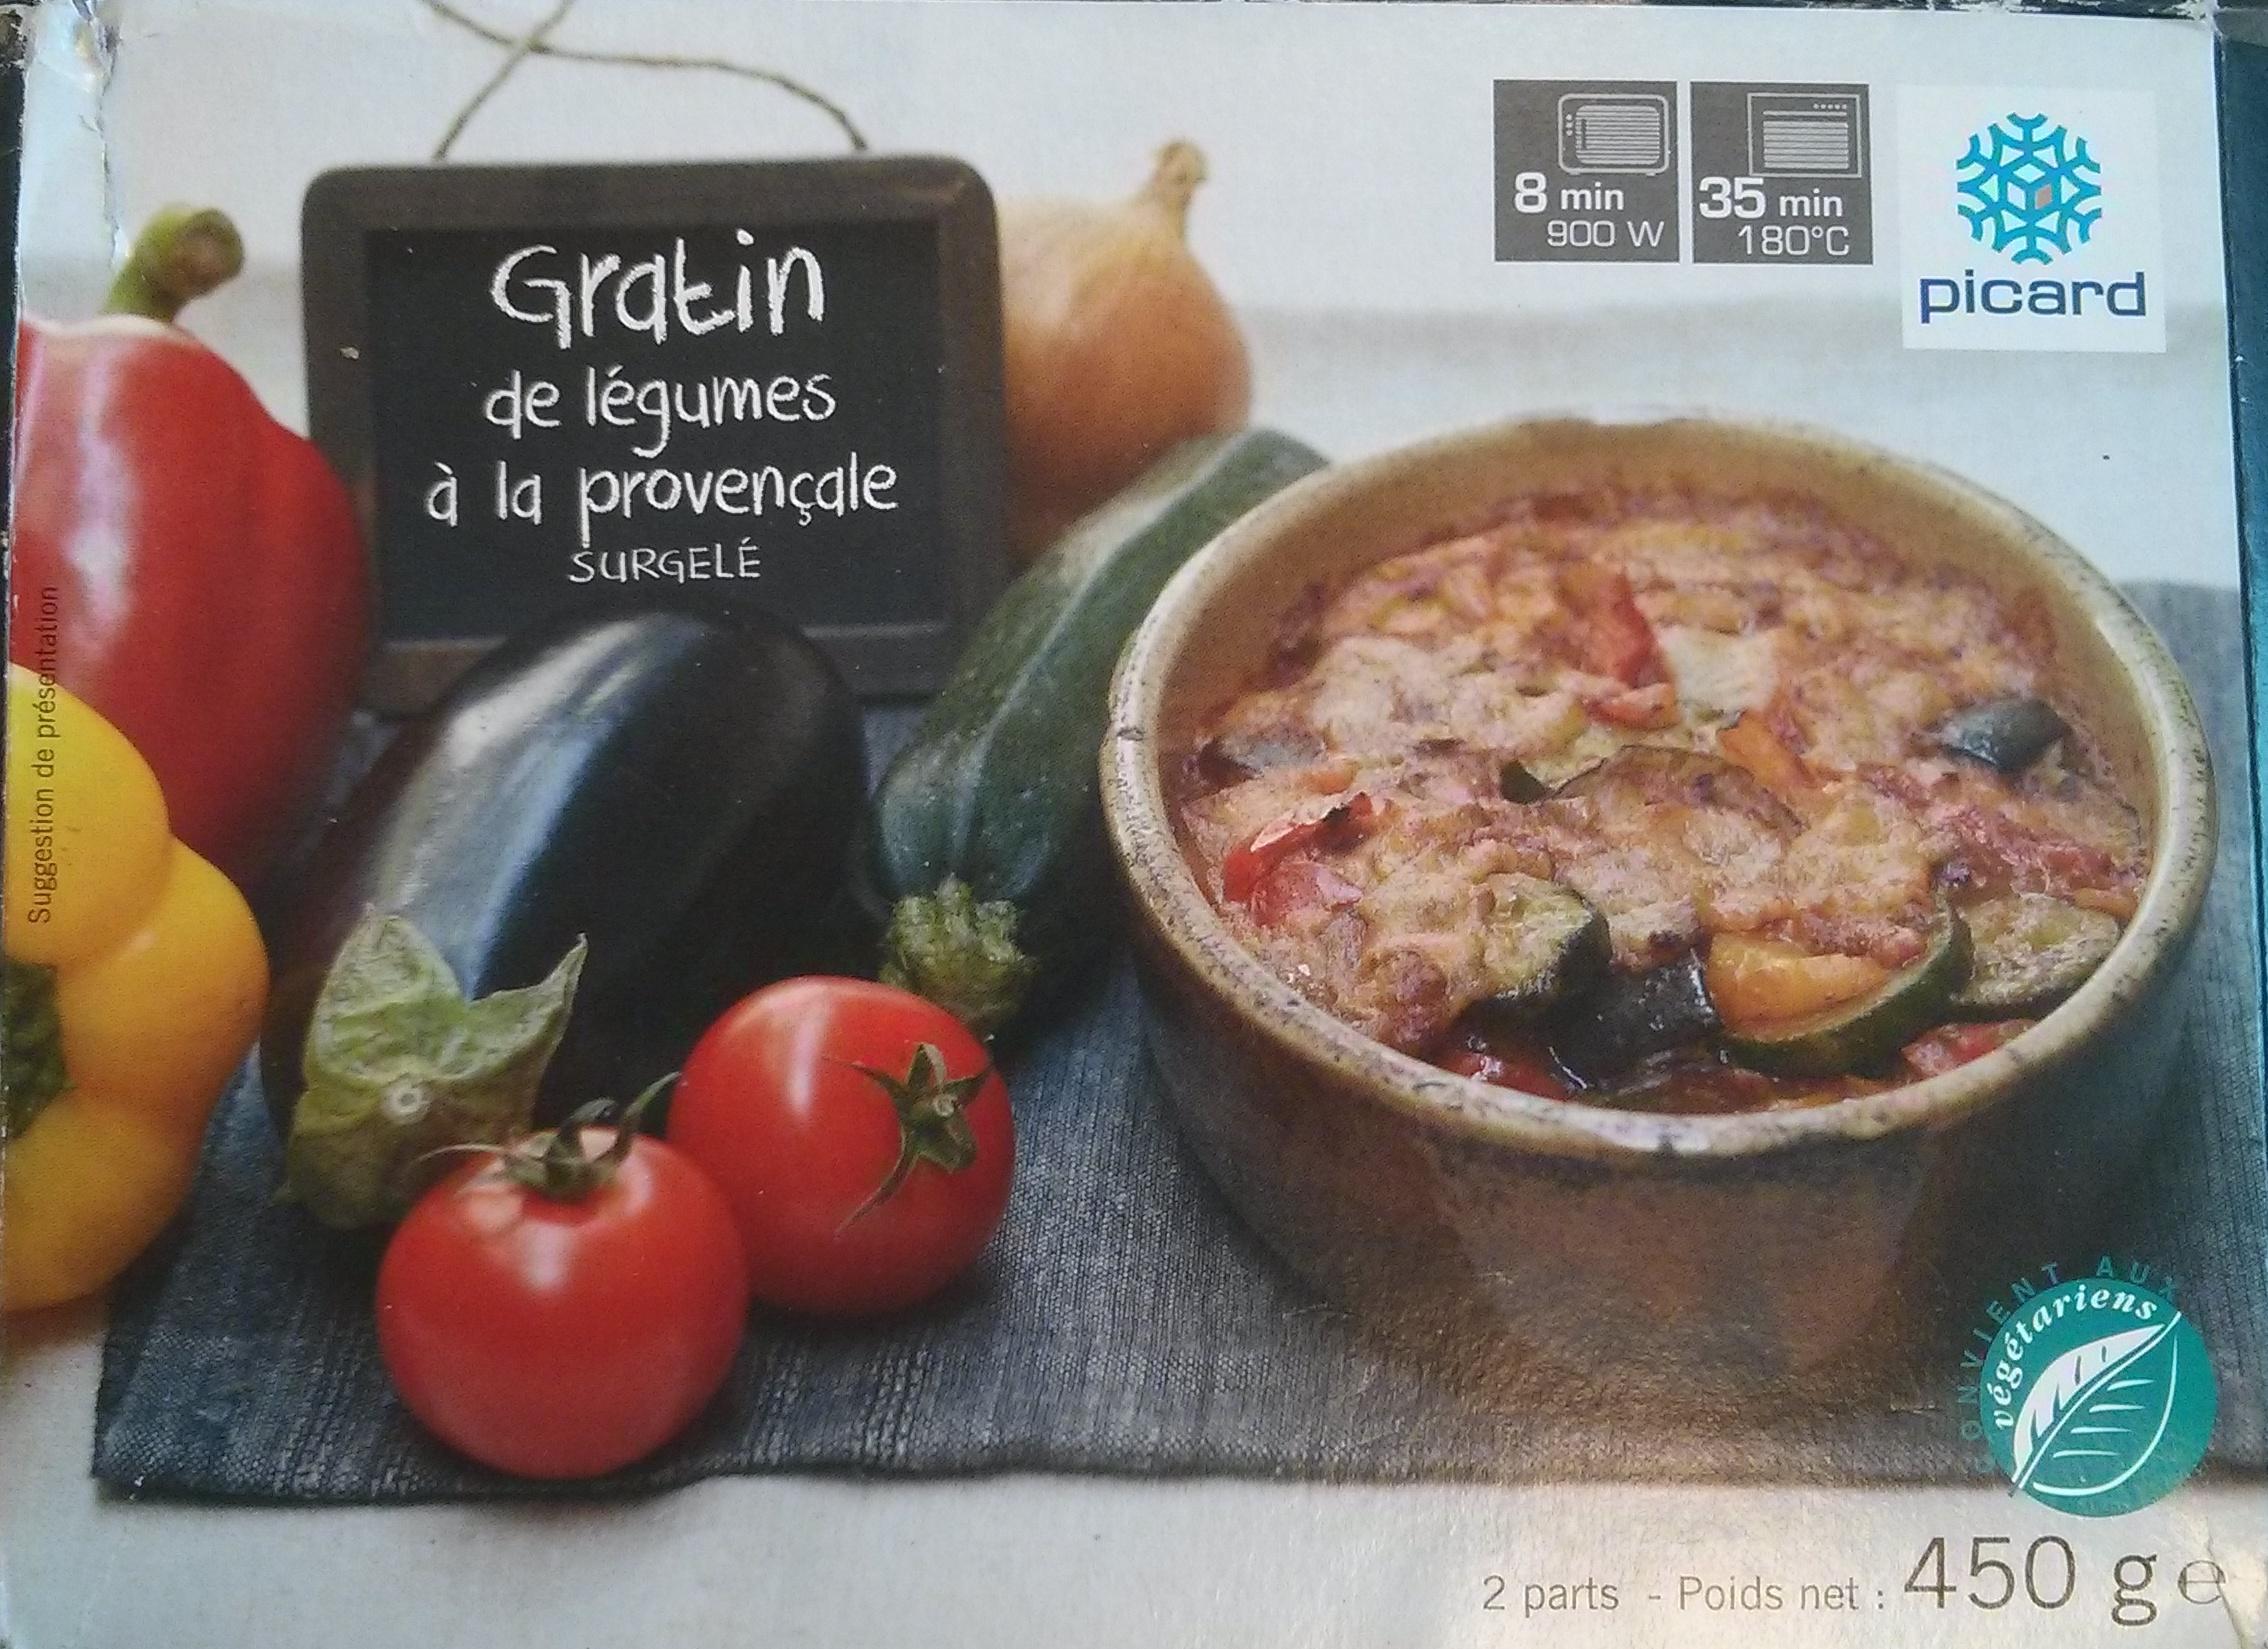 Gratin de Légumes à la Provençale, Surgelé - Product - fr